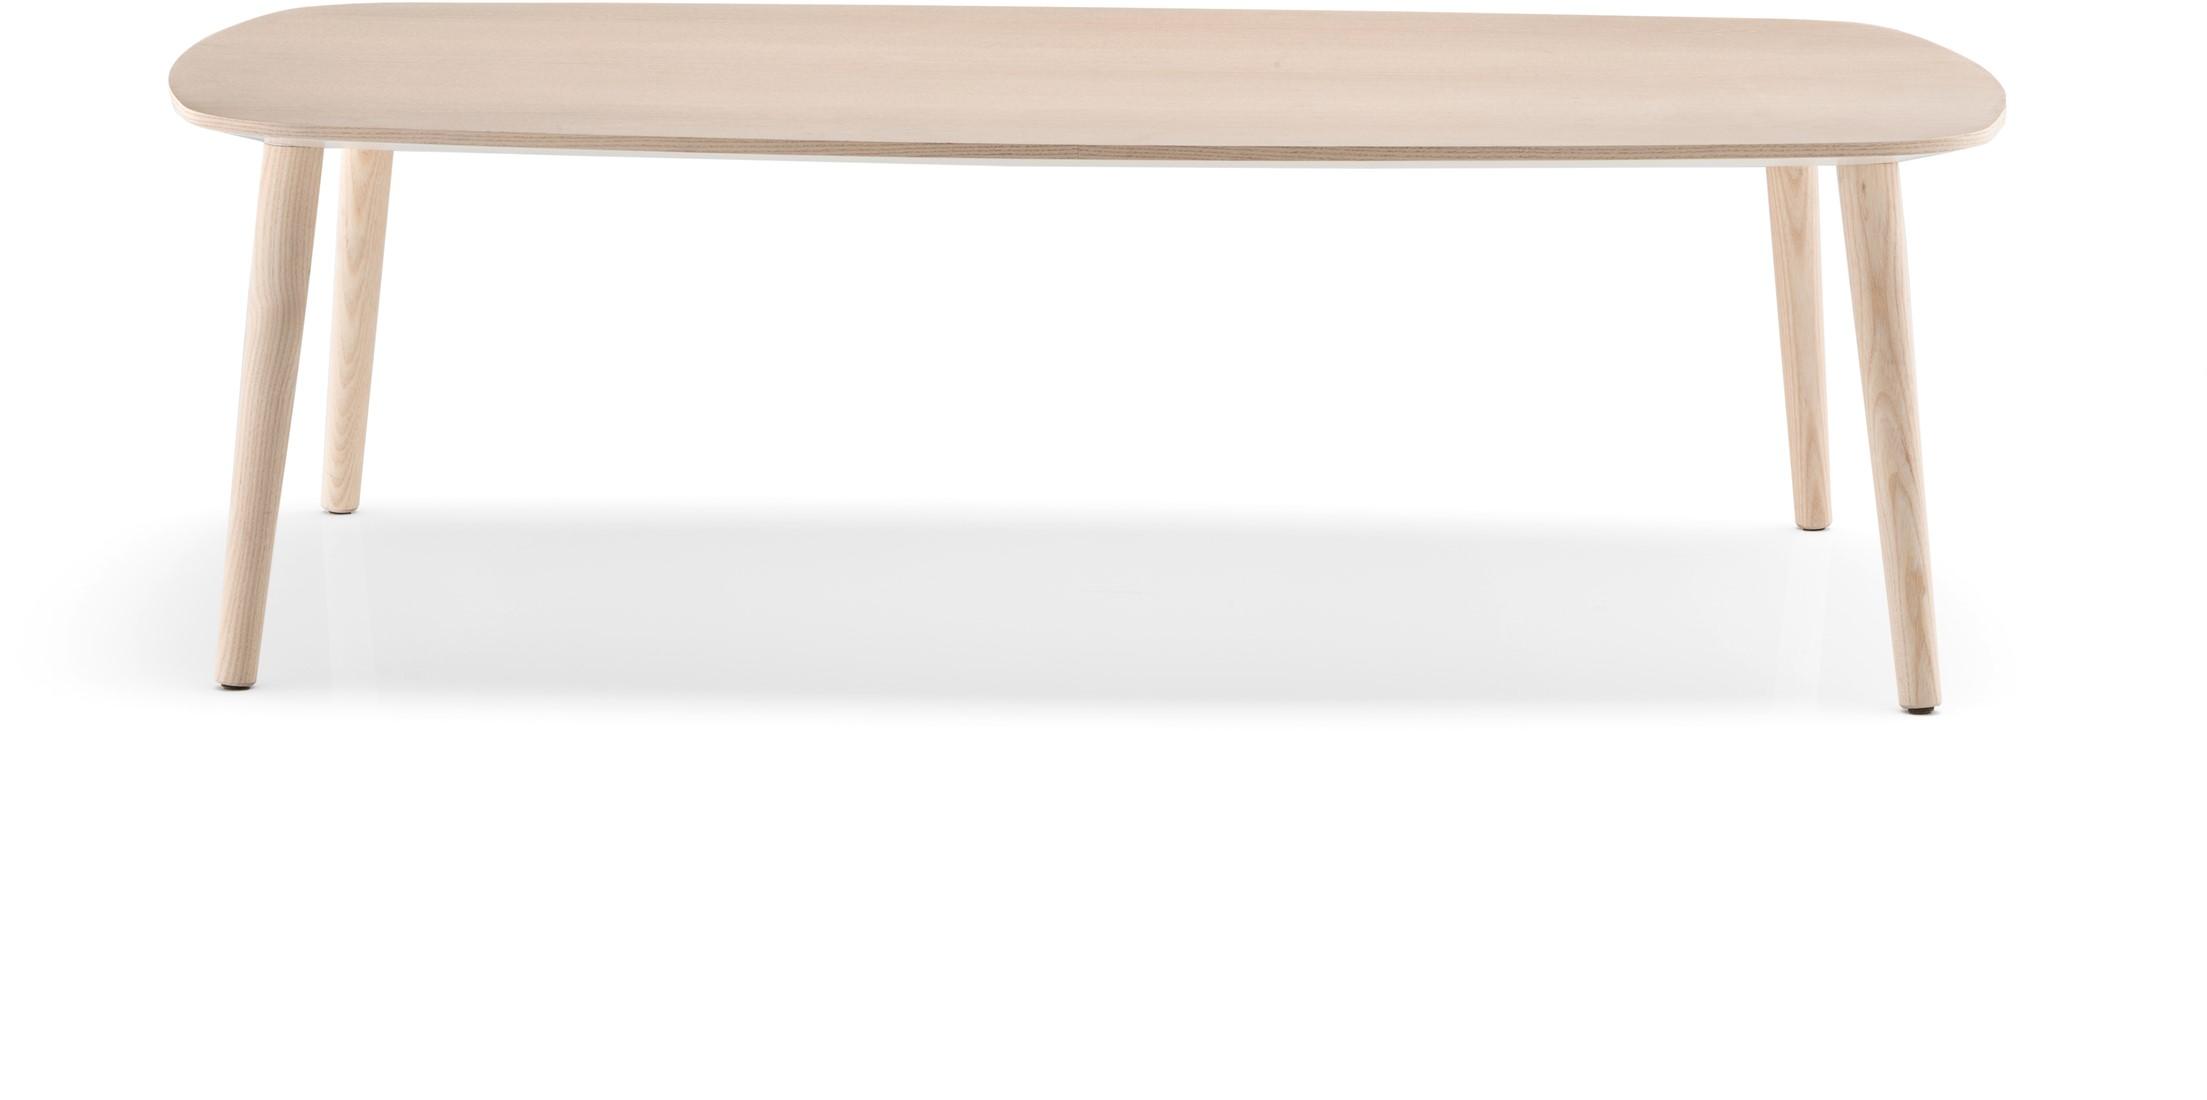 Langwerpige Houten Salontafel.Malmo Mlt Scandinavische Style Langwerpige Salontafel Met 4 Essen